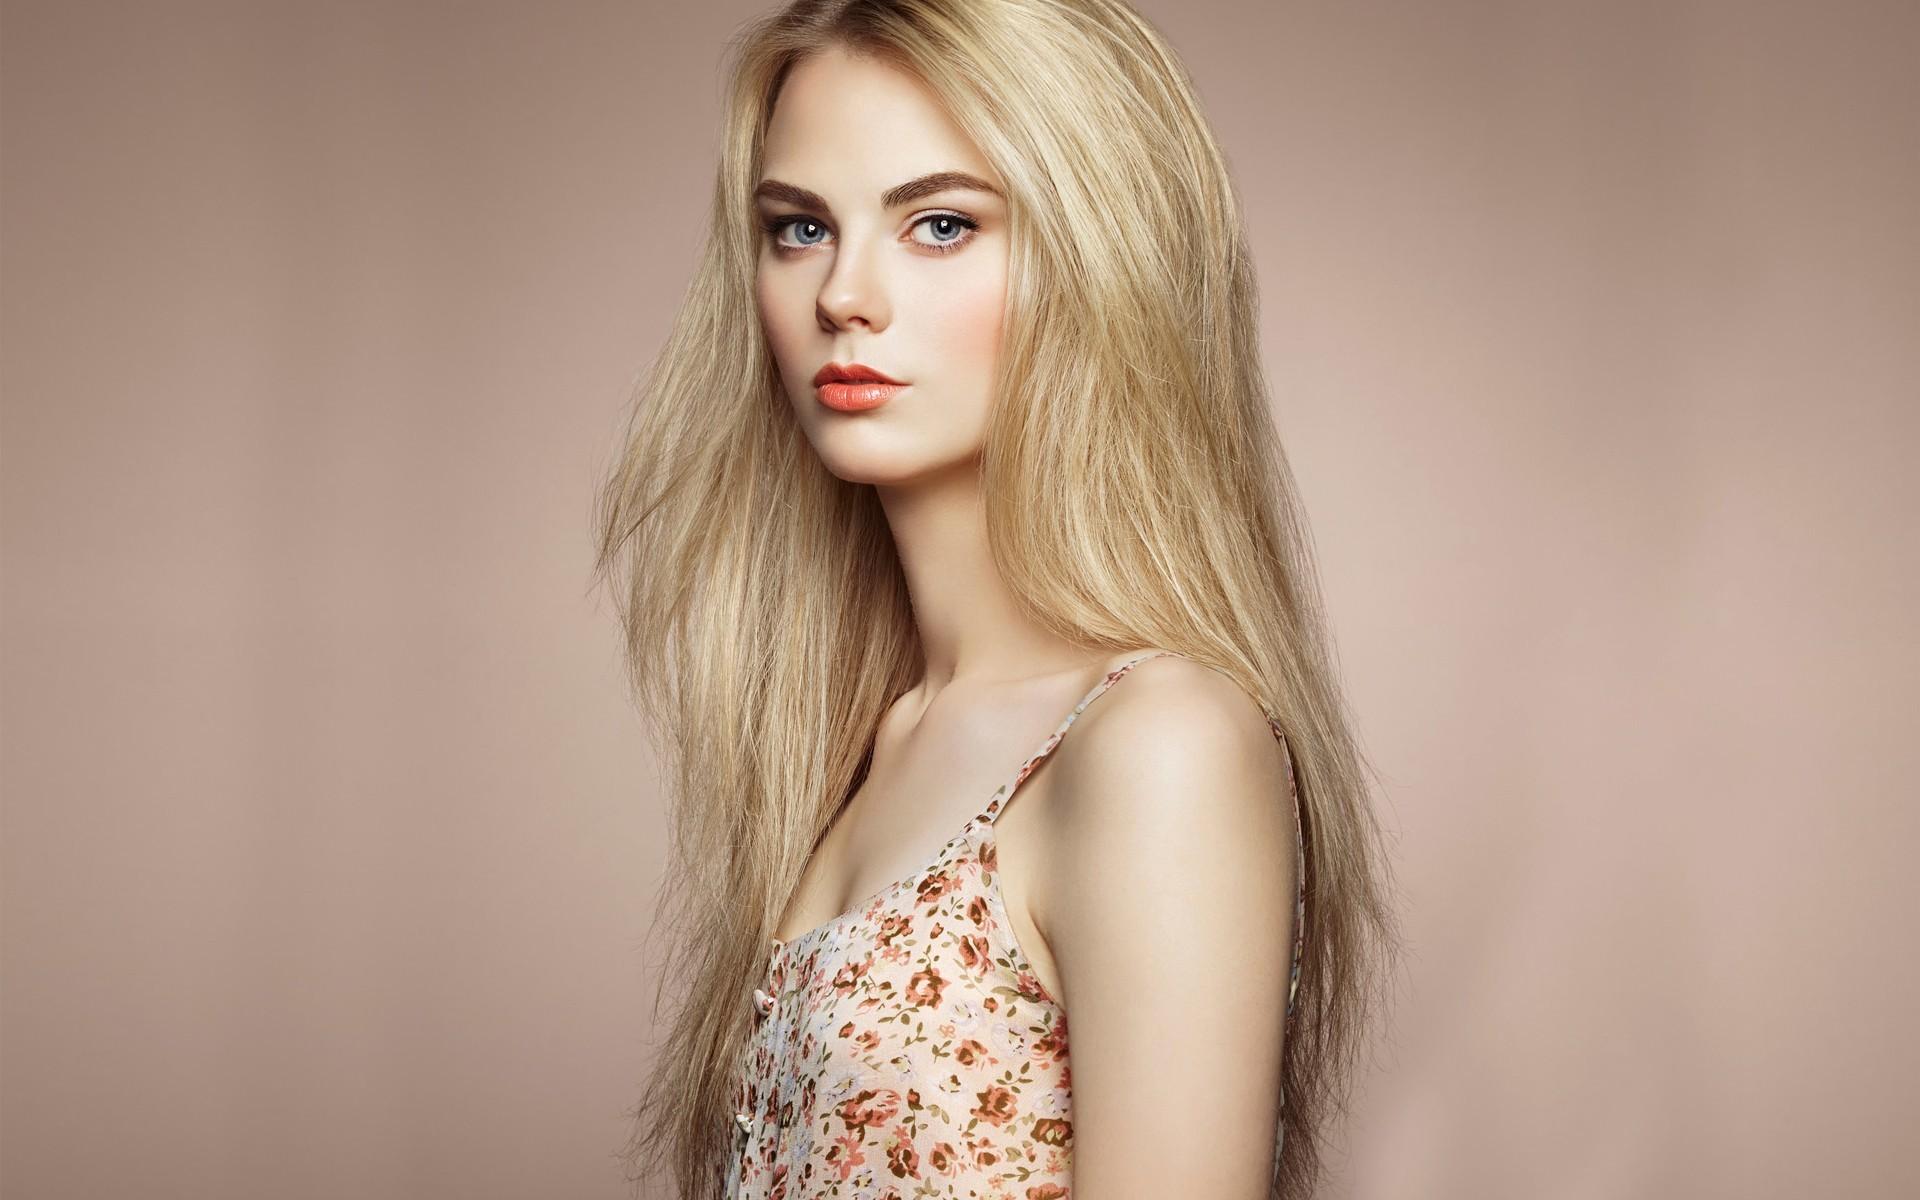 Фото красивых девушек в полный рост с русыми волосами